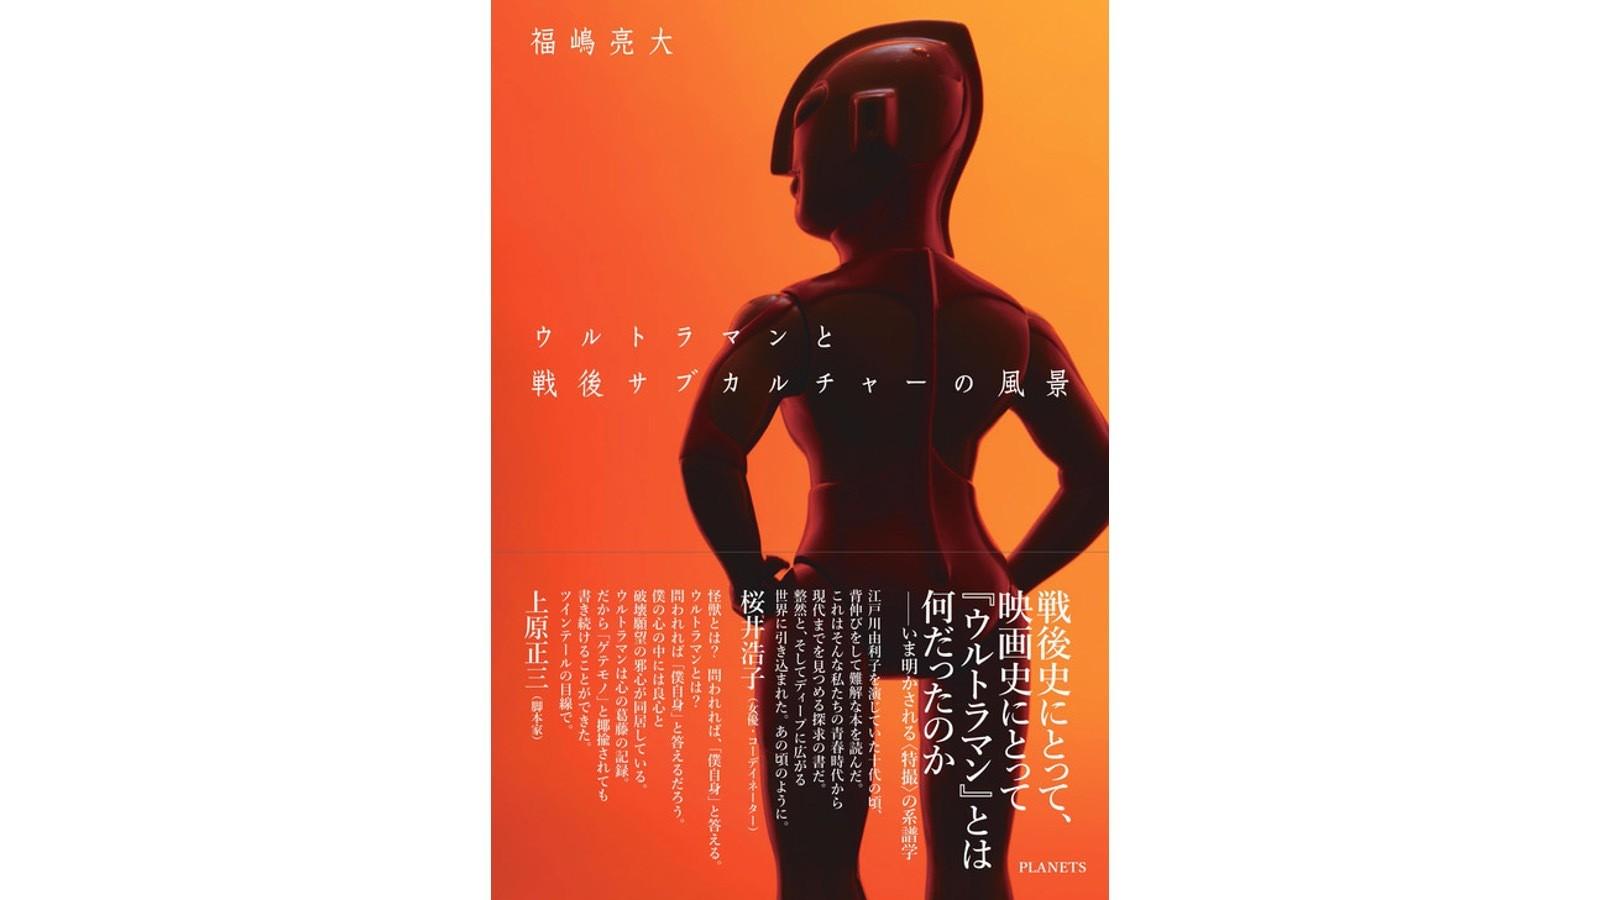 【序章(前編)】福嶋亮大『ウルトラマンと戦後サブカルチャーの風景』